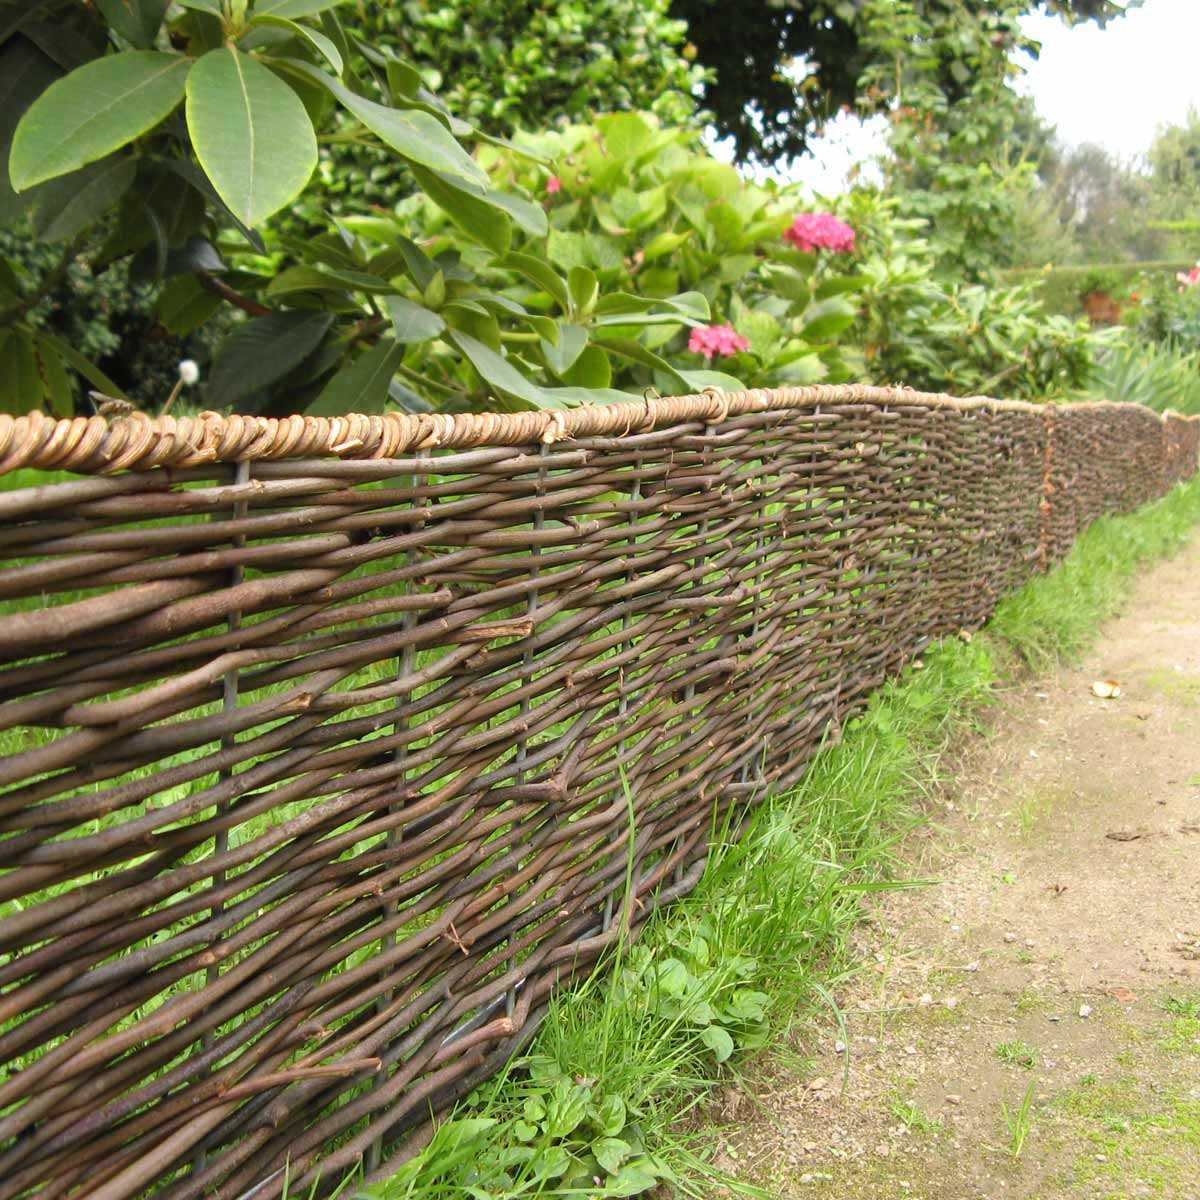 Bordure Bois Pliable En Rotin 180Cm encequiconcerne Bordure Bois Pour Jardin